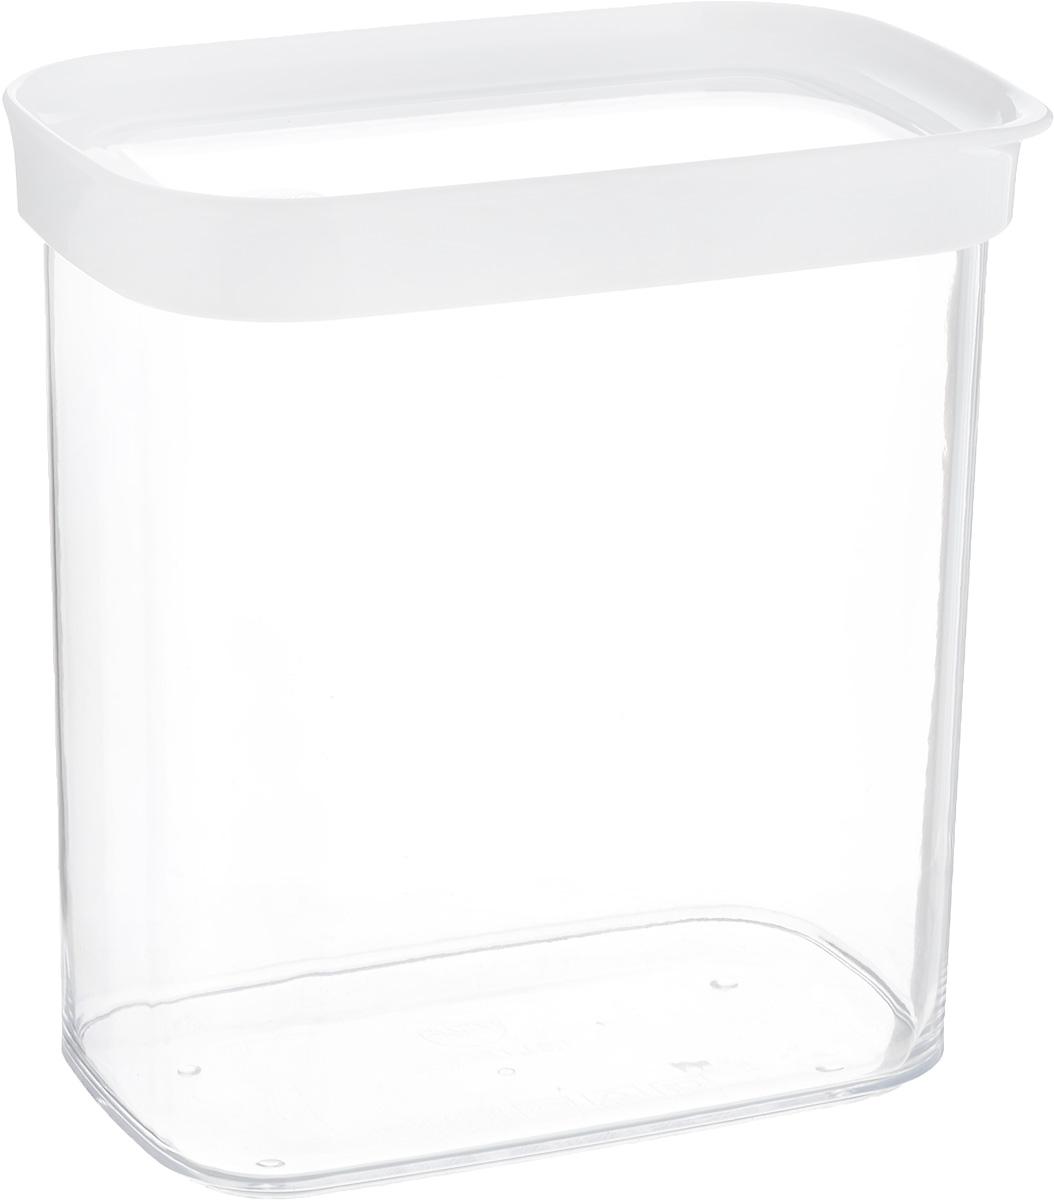 Контейнер для сыпучих продуктов Emsa Optima, 1,6 л контейнер для торта и пирожных emsa mybakery plus диаметр 37 см